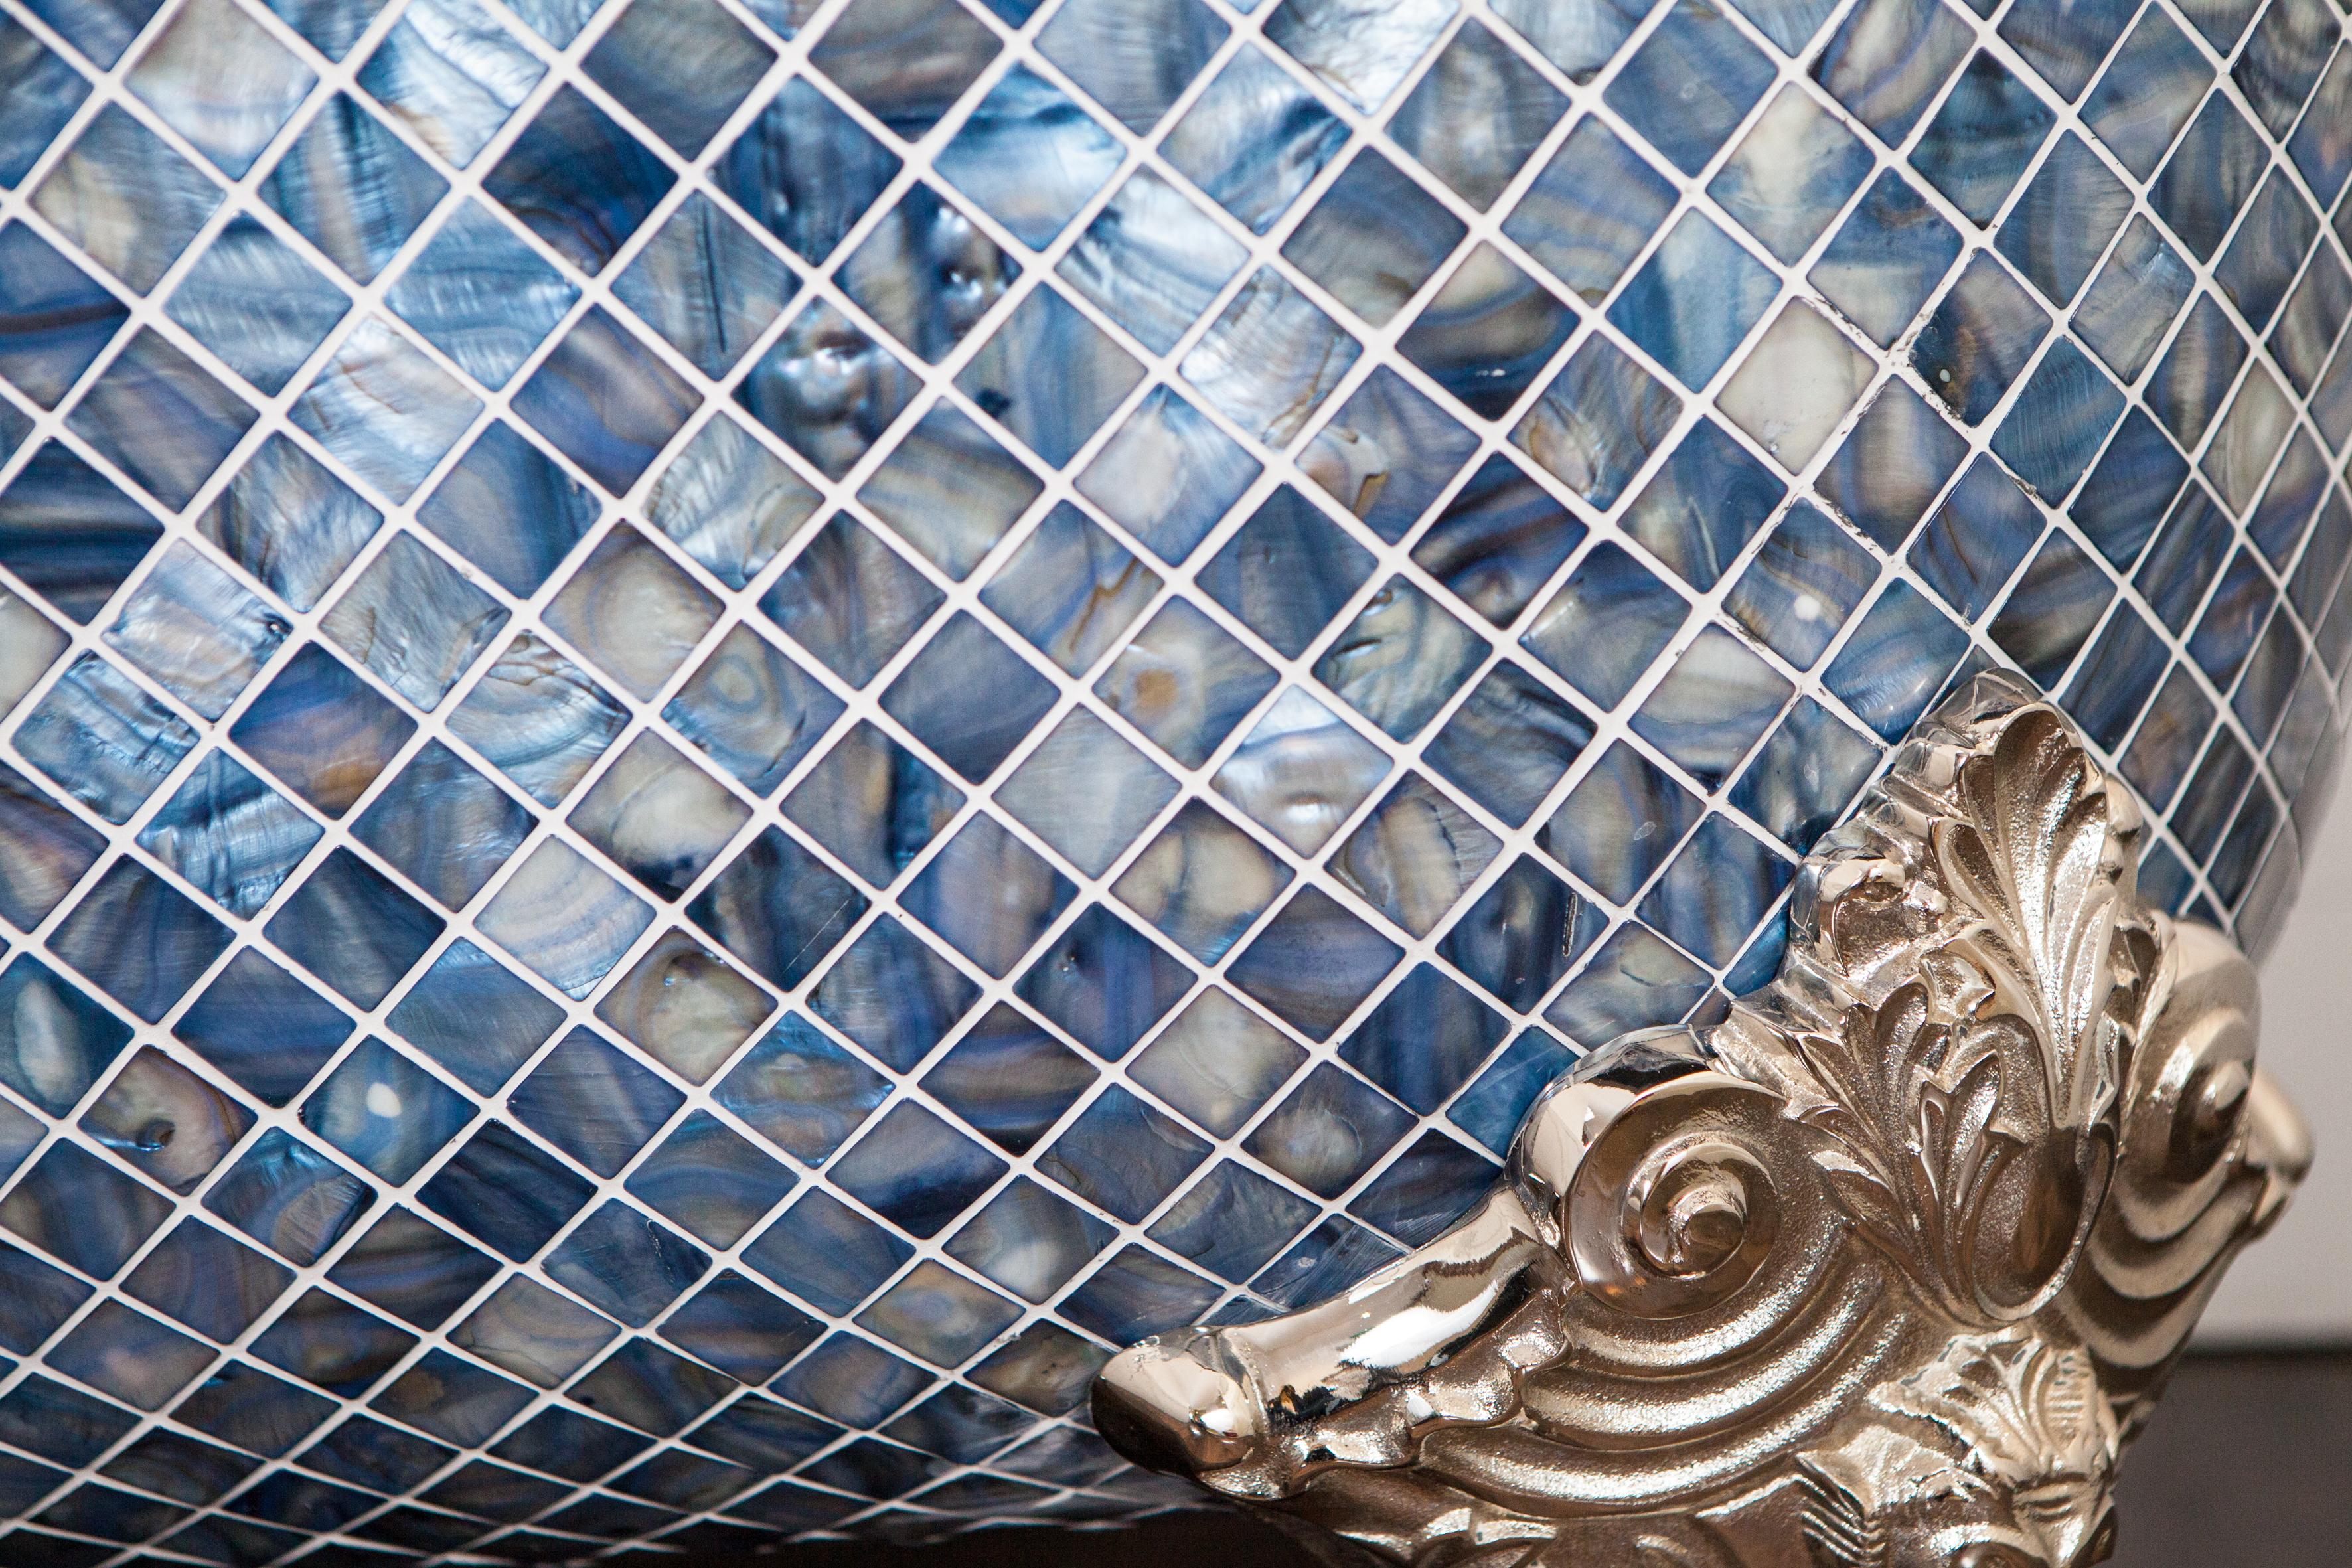 Blenheim Bath with Ocean Blue Pearl Mosaic exterior.